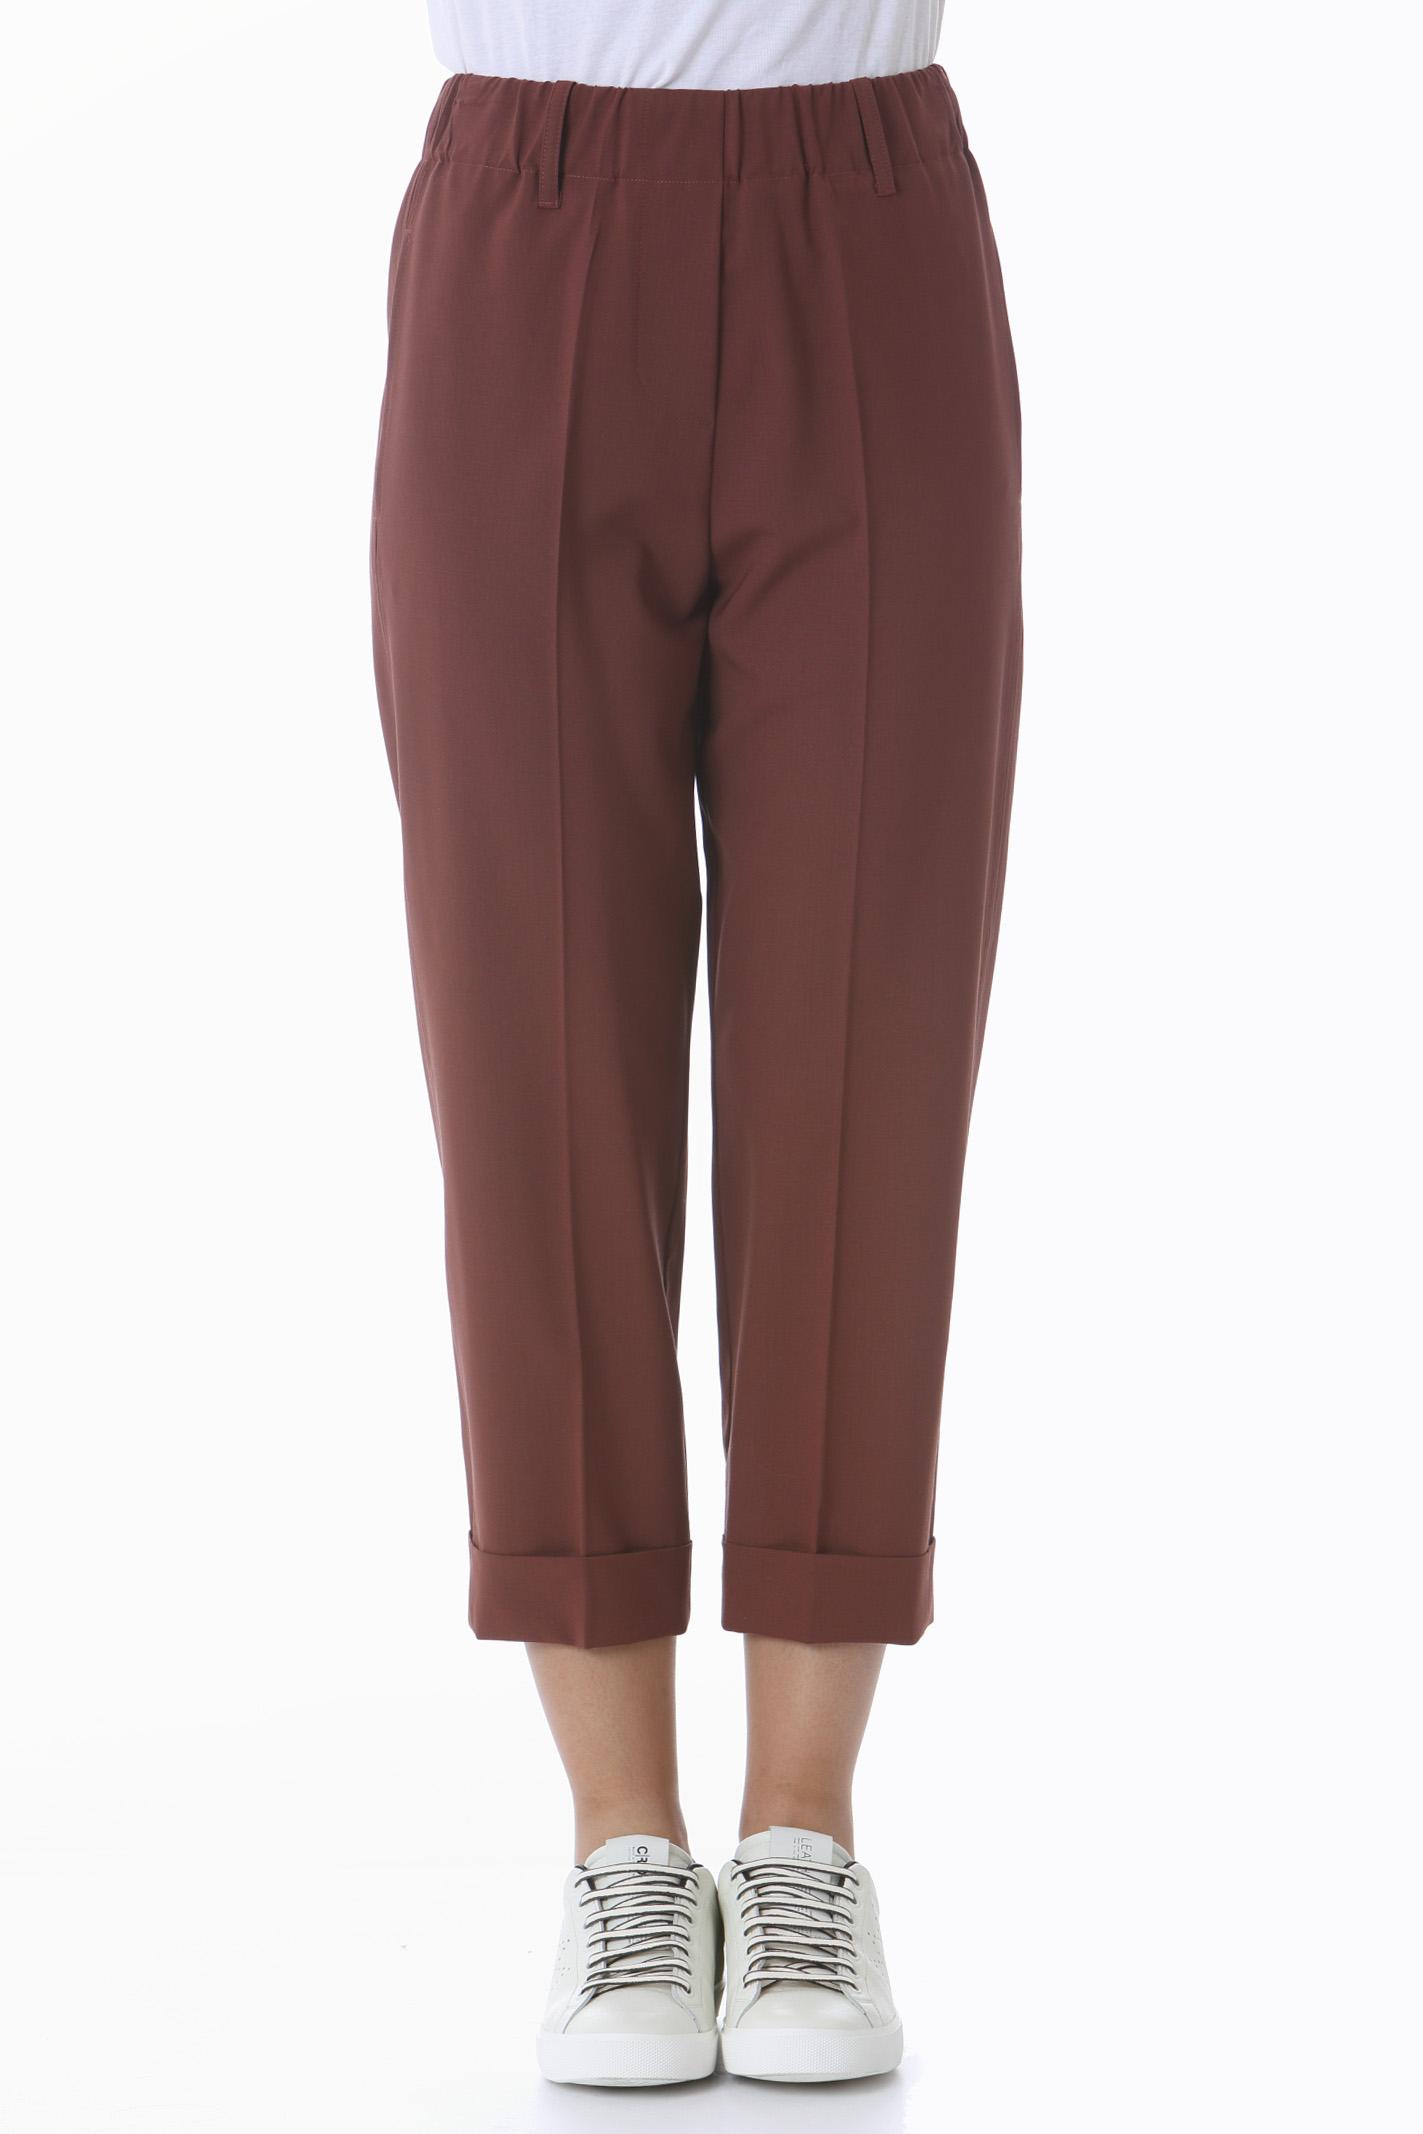 Pantalone donna tela di lana con risvolto ALYSI   Pantaloni   151135-A1035COTTO